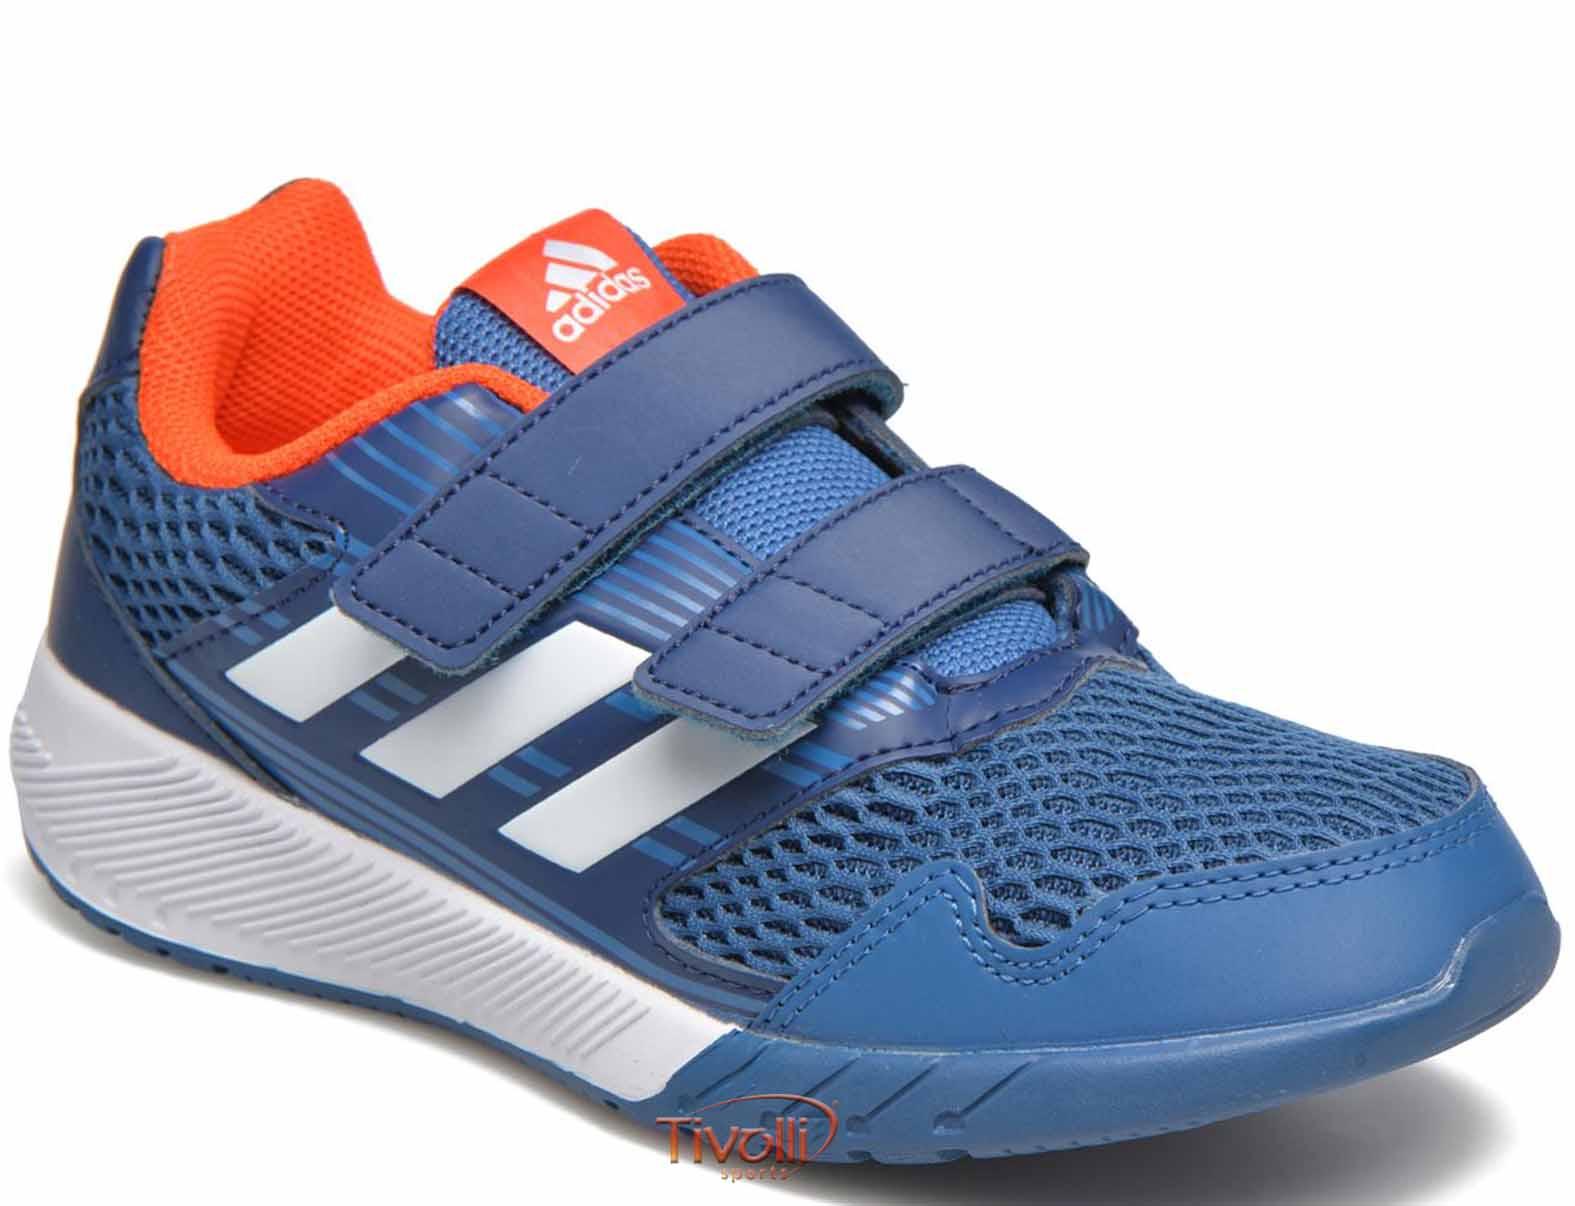 2af6cb51883 Tênis Adidas AltaRun CF K Infantil Velcro   Azul